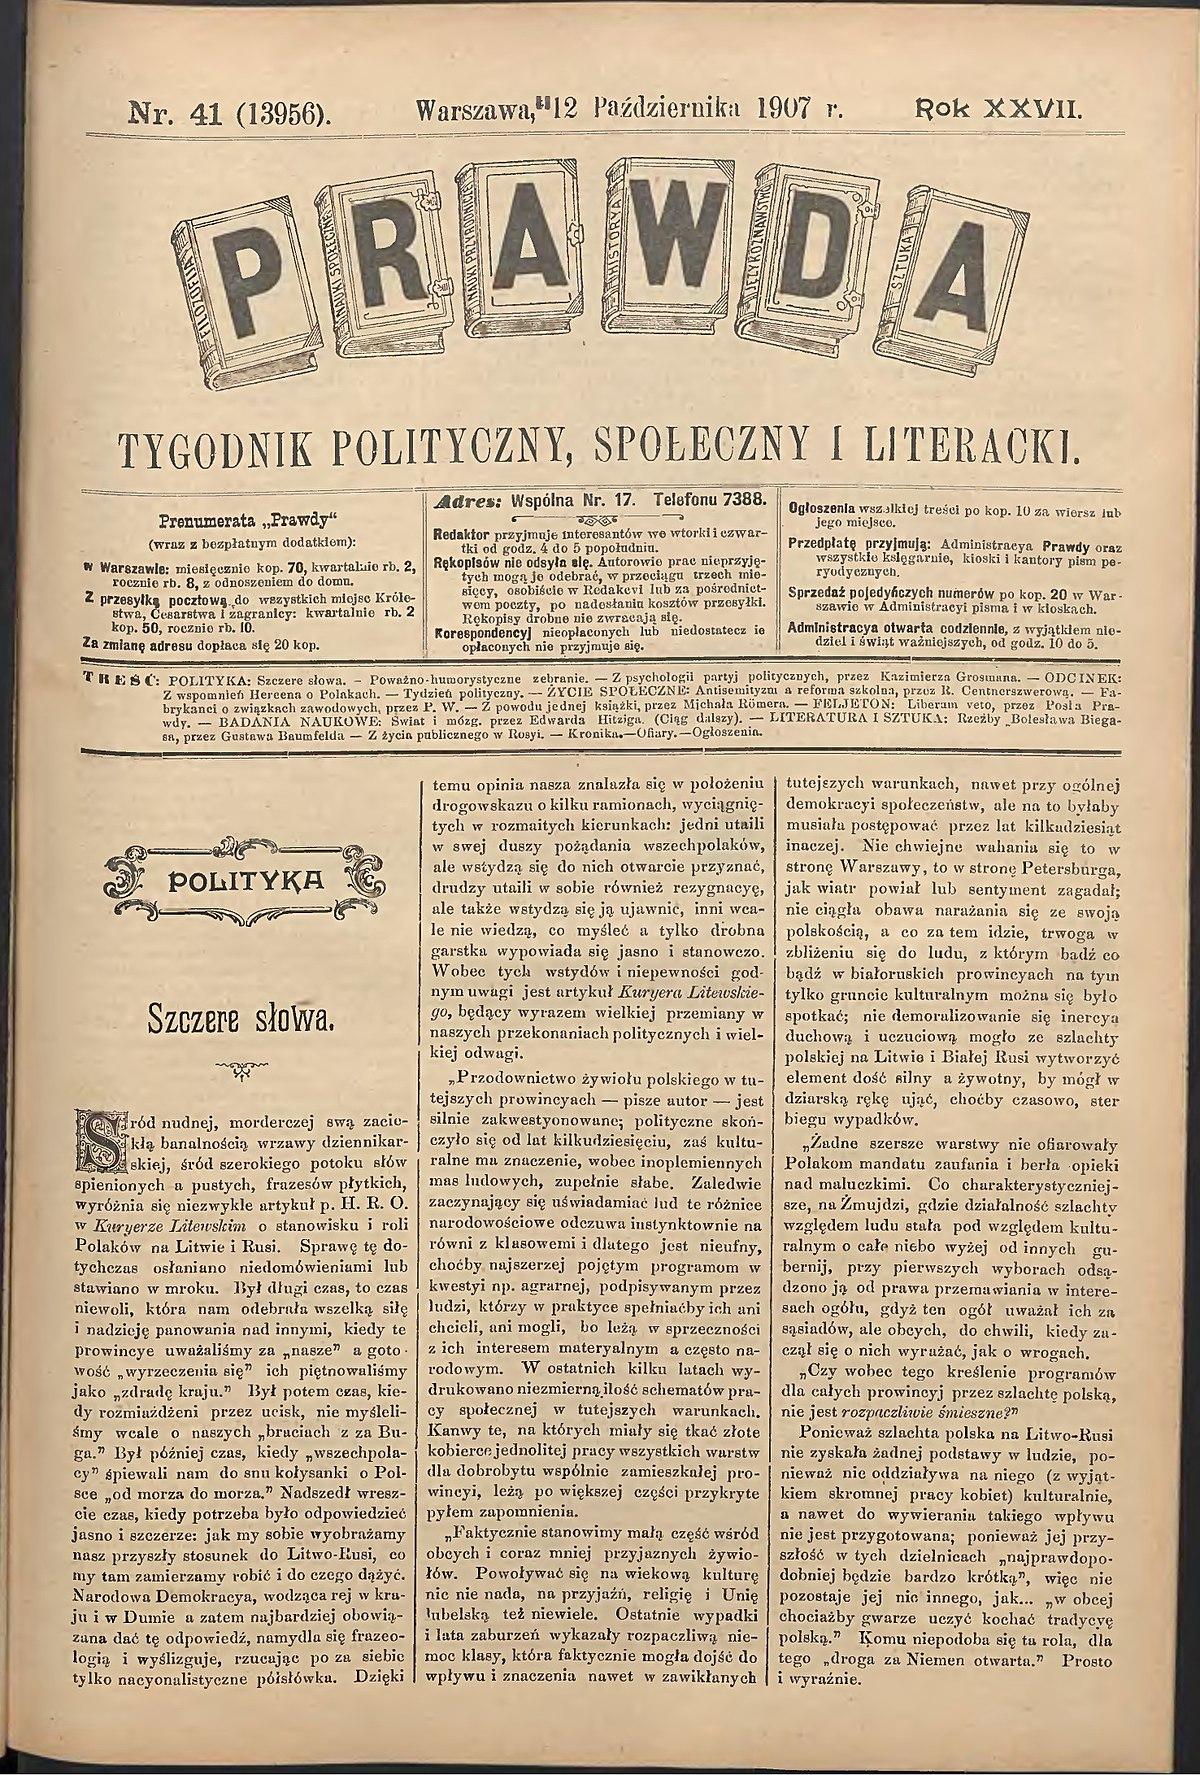 Filenewspaper Prawda Nr 41 1907 Adjpg Wikimedia Commons